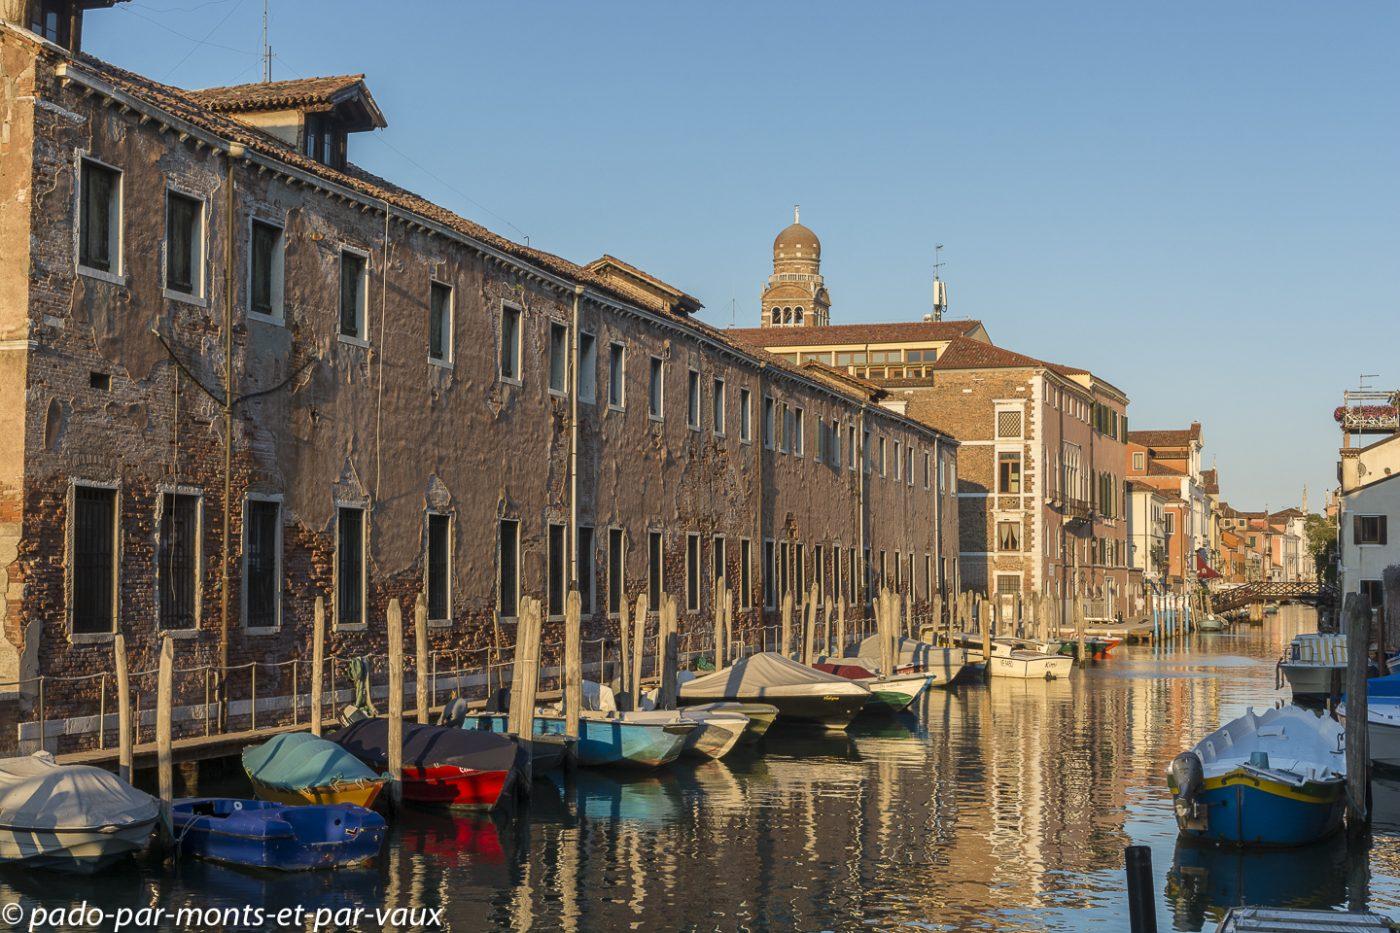 Venise - Cannaregio